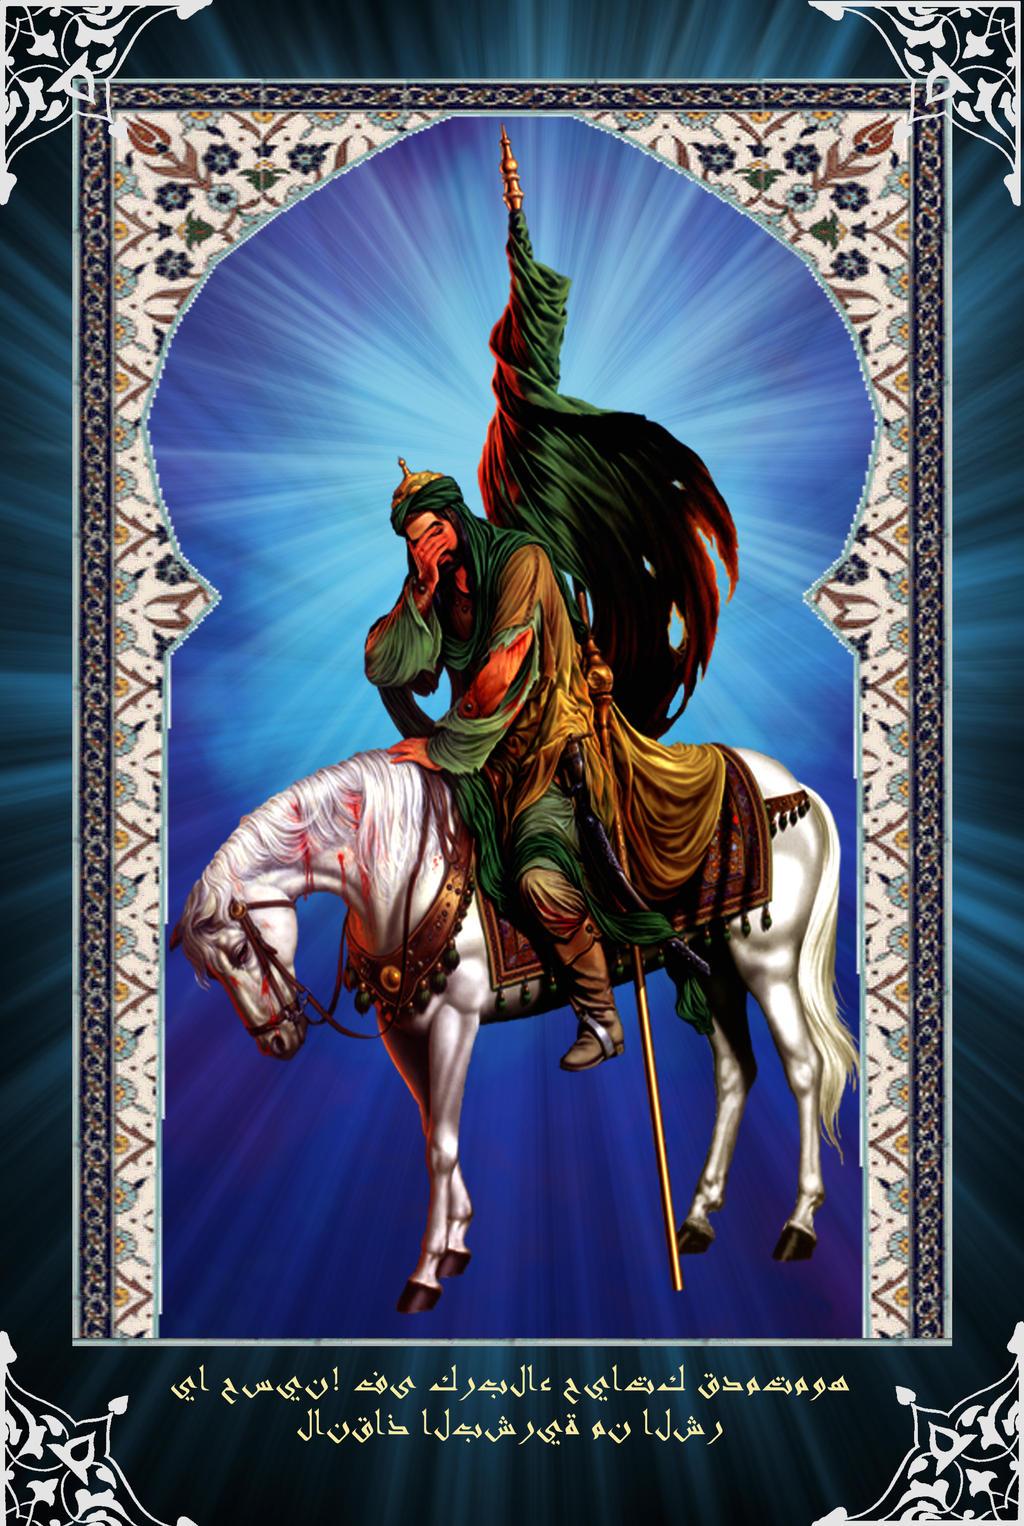 Ya Allah Ya Muhammad Ya Ali Wallpapers Ya Allah Ya Muhammad Ya AliYa Allah Ya Muhammad Ya Ali Wallpapers